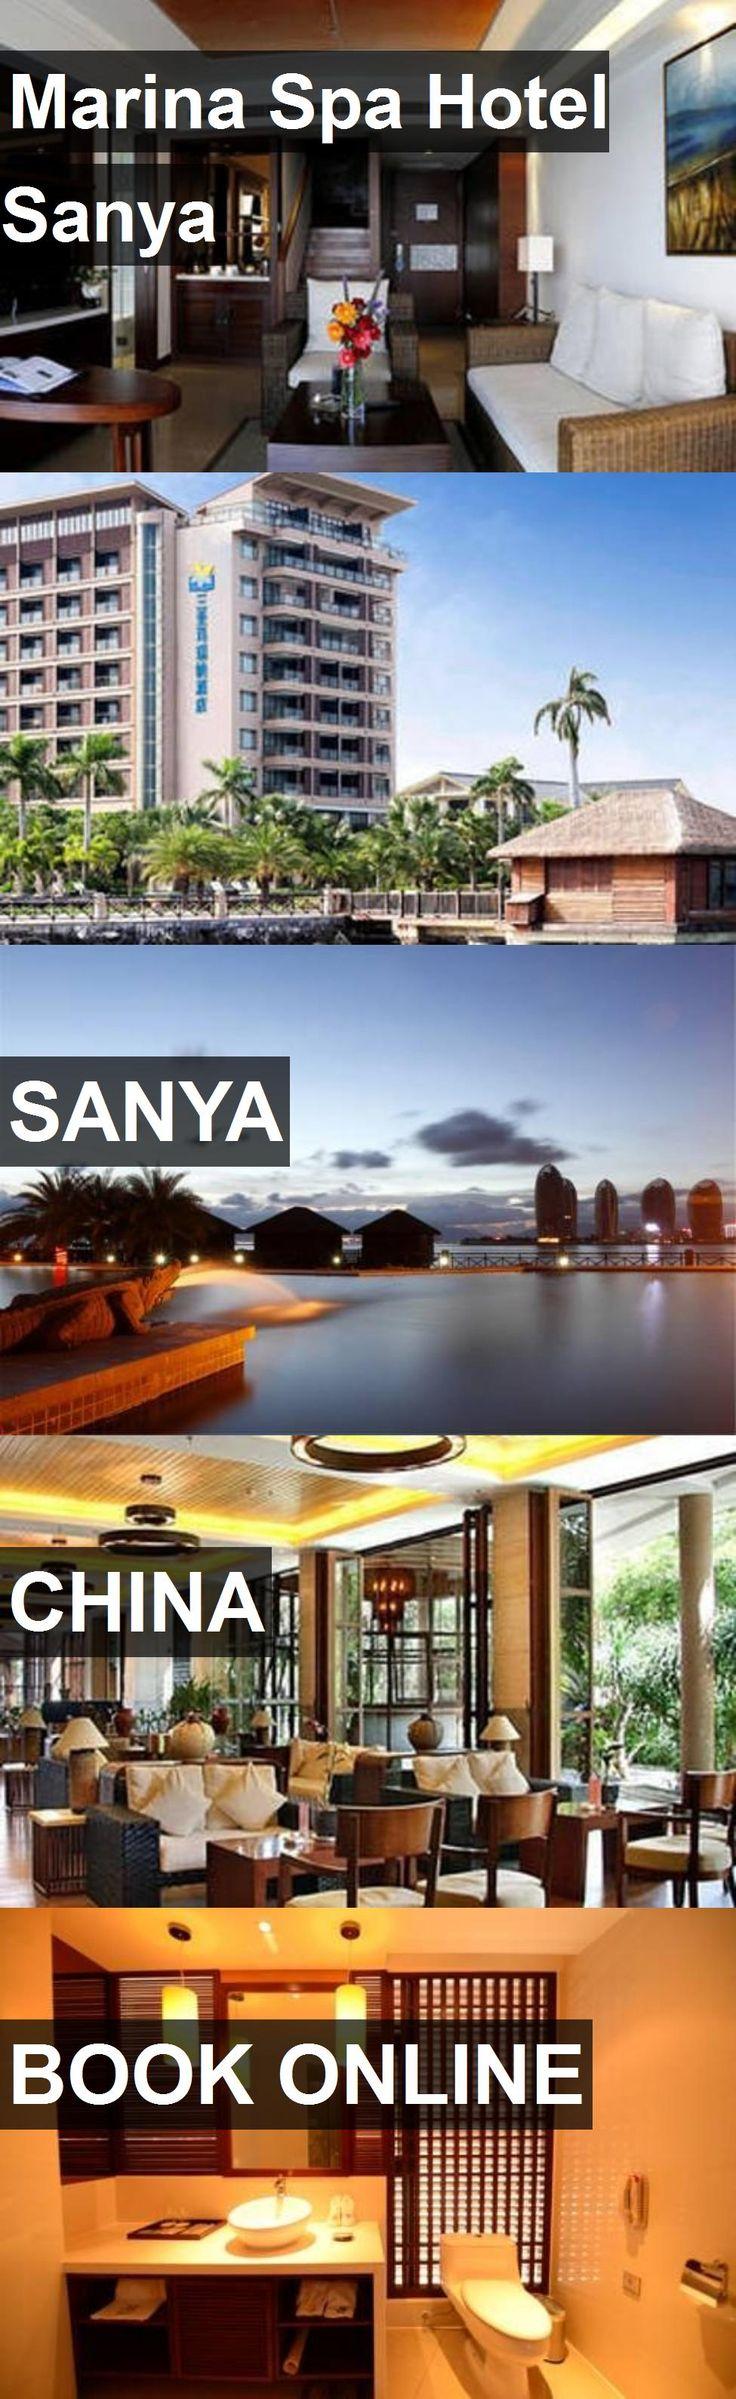 Hotel Marina Spa Hotel Sanya in Sanya, China. For more information, photos, reviews and best prices please follow the link. #China #Sanya #MarinaSpaHotelSanya #hotel #travel #vacation